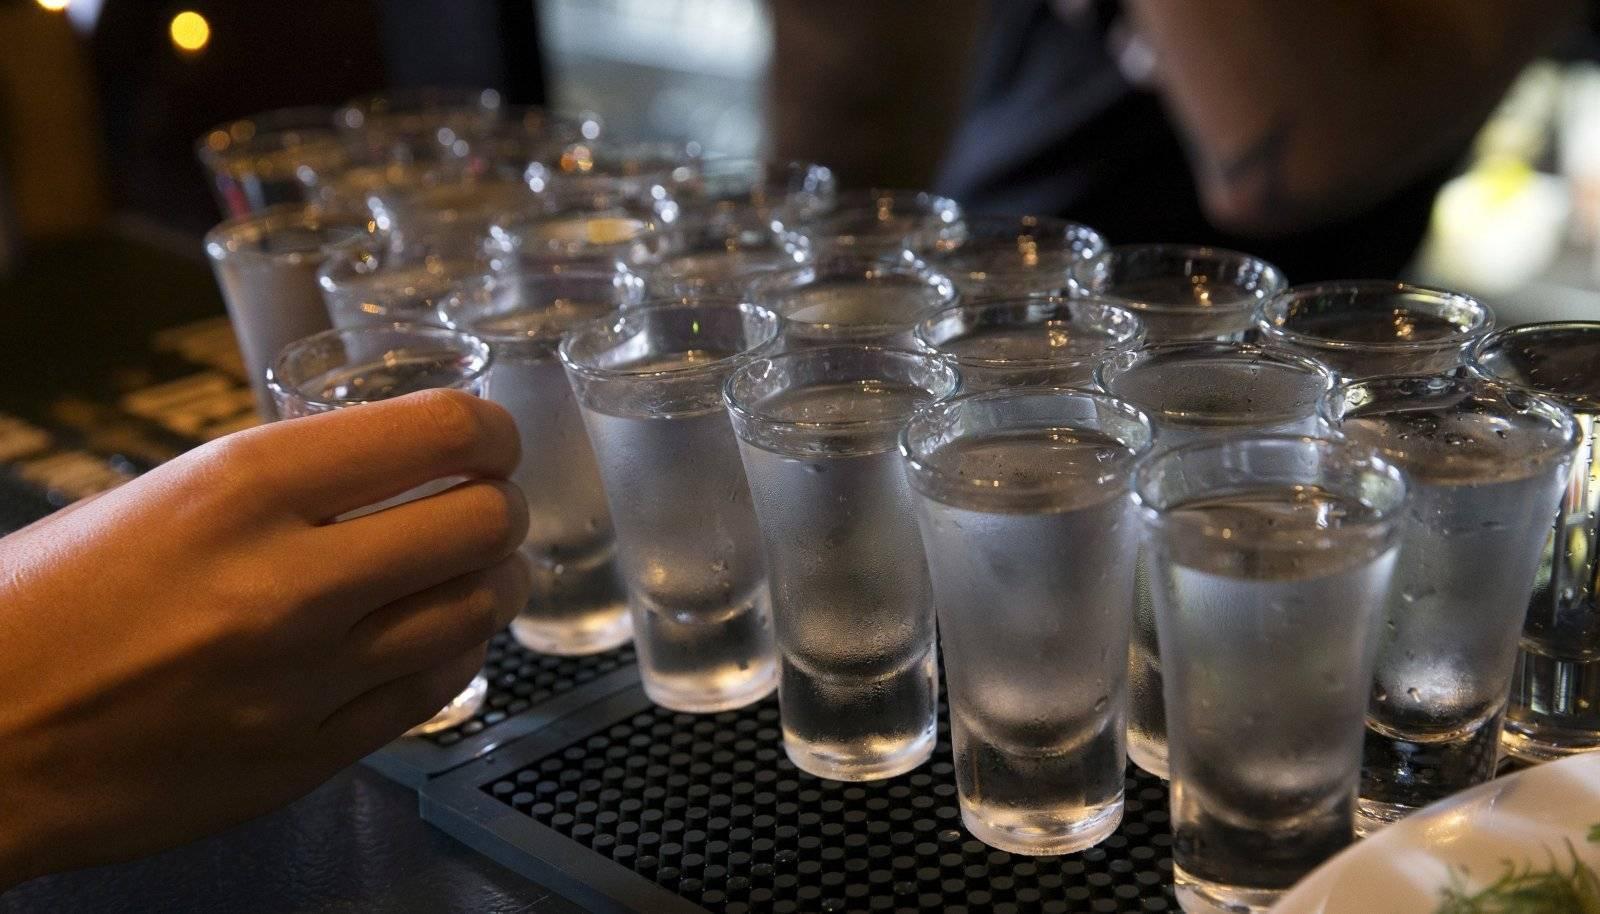 Безалкогольная водка – новый напиток или вымысел сми